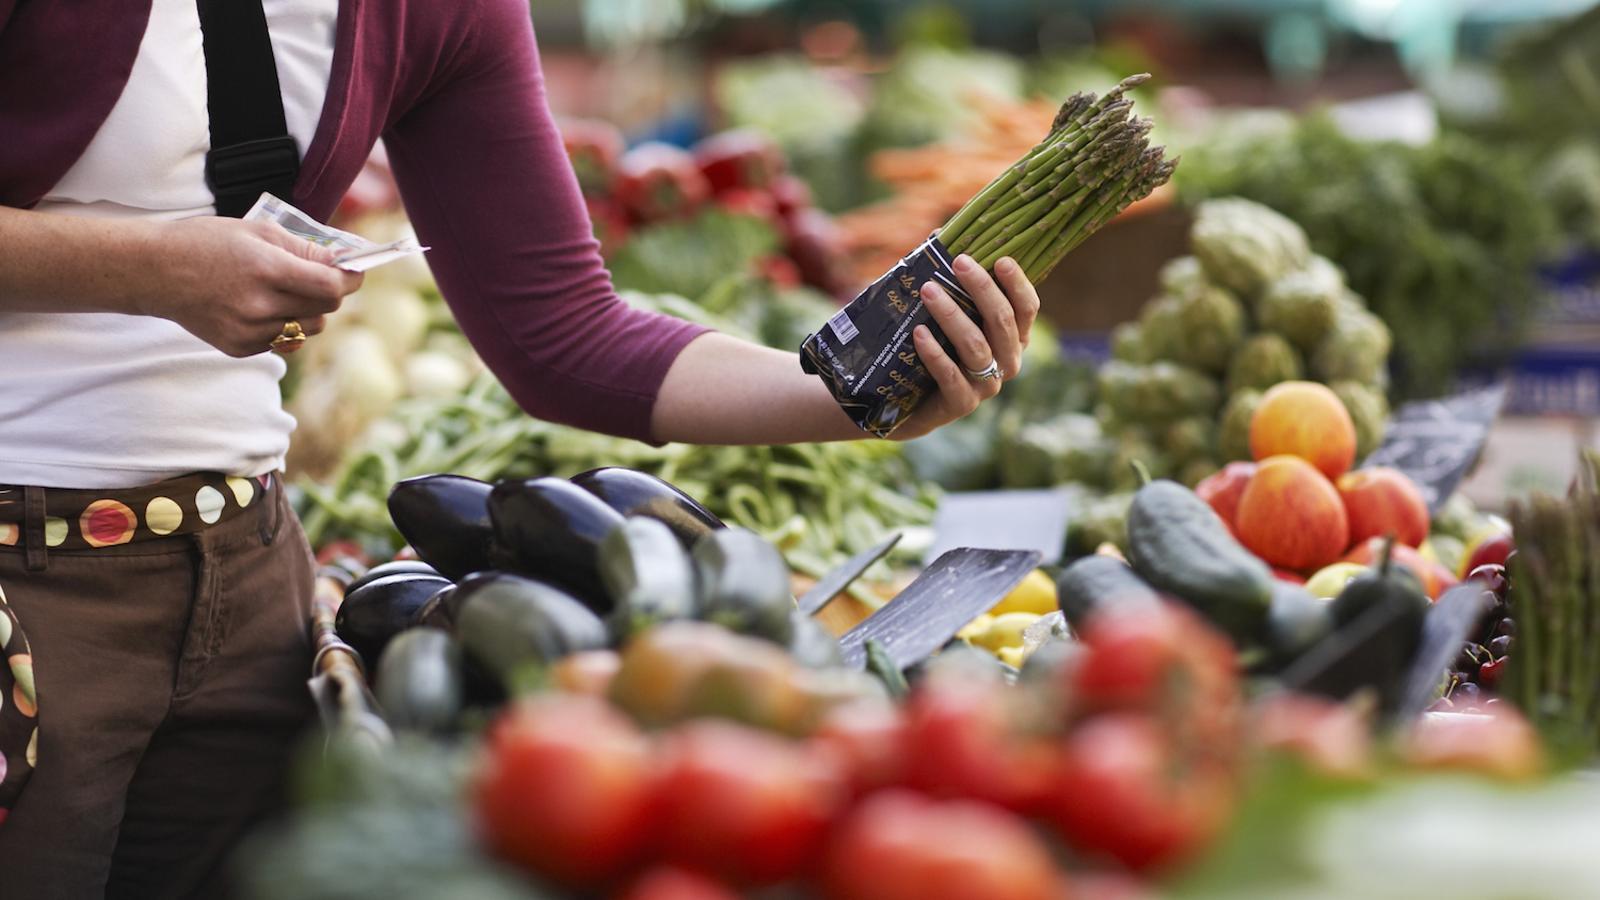 Producto de proximidad, comercio de barrio y despensa llena: así hemos cambiado los hábitos alimentarios con el covid-19